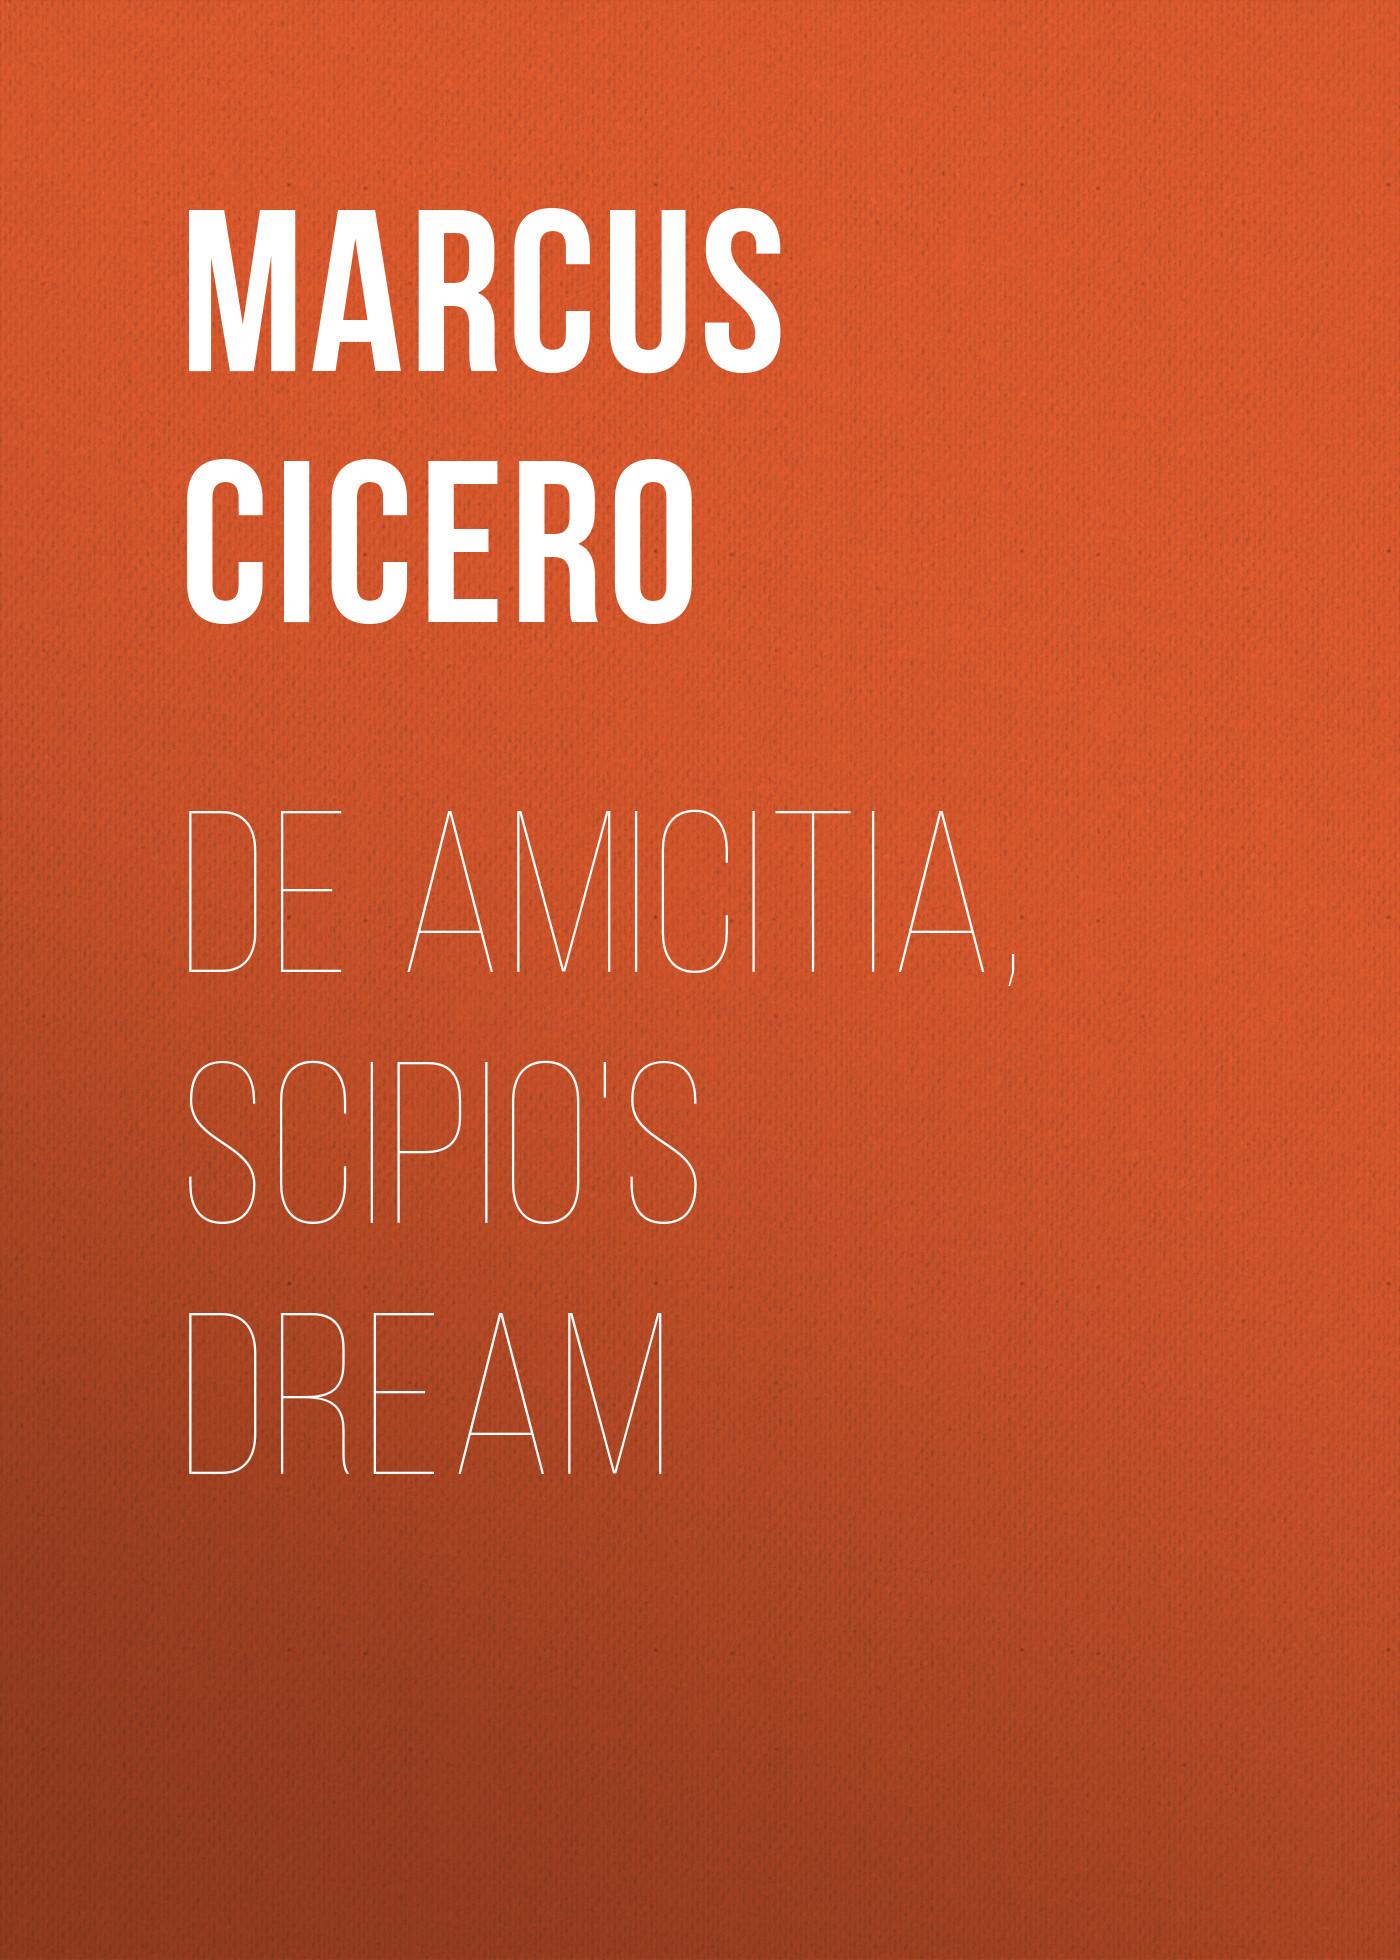 Marcus Cicero De Amicitia, Scipio's Dream marcus tullius cicero laelius de amicitia dialogus mit einem commentar